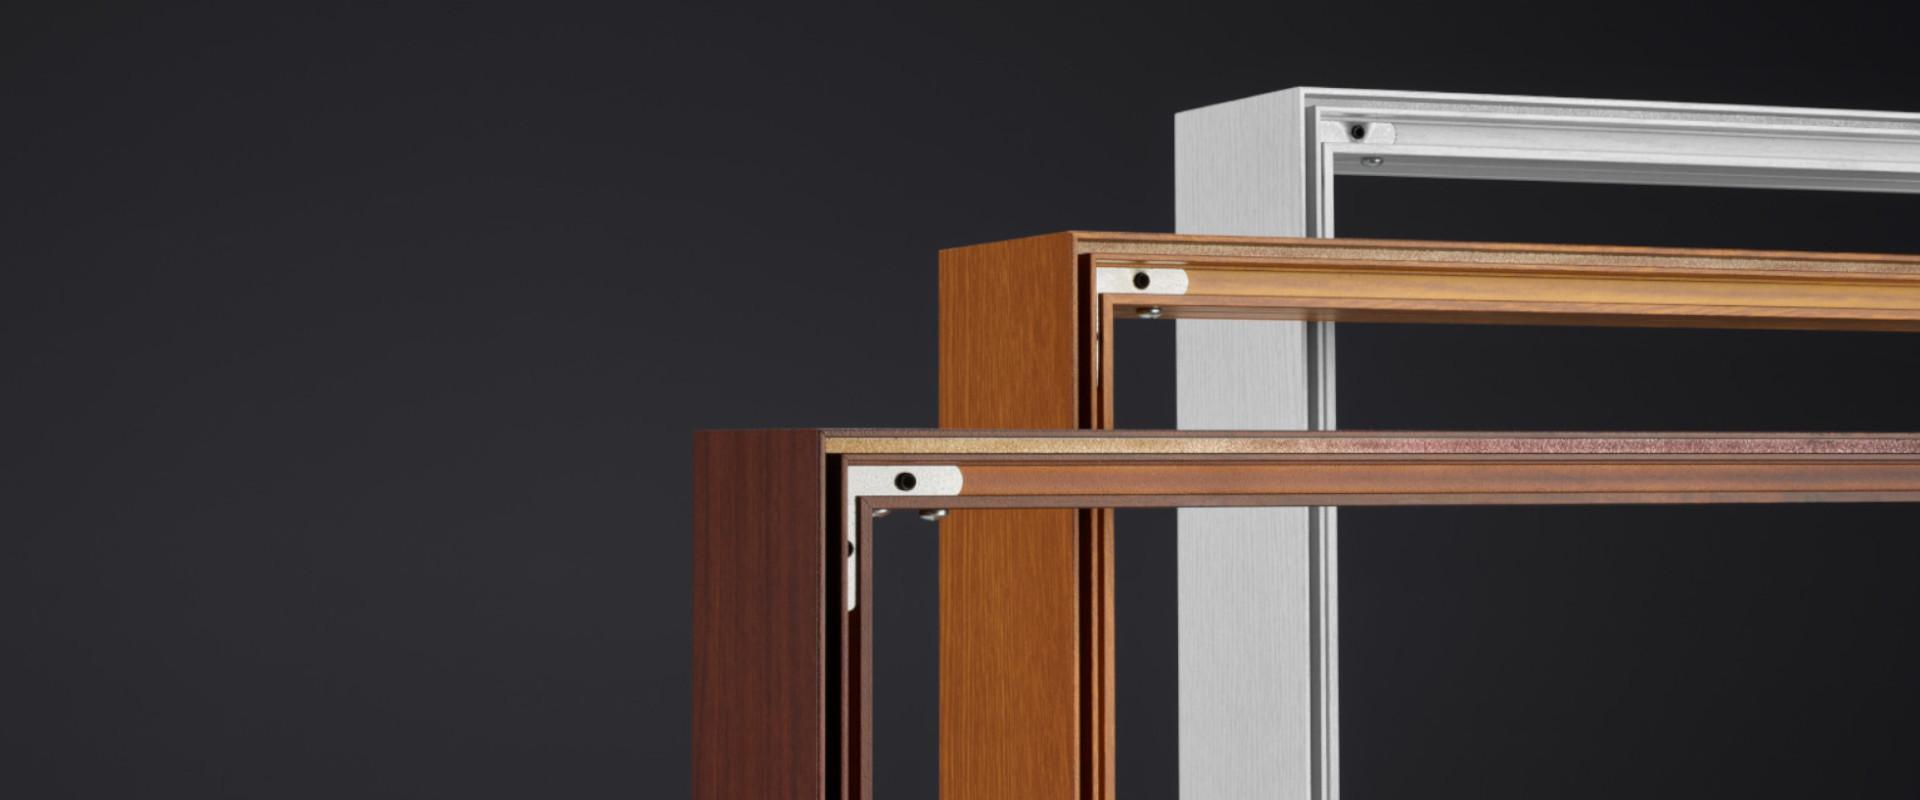 SEG fabric frames for Smartframe The Original